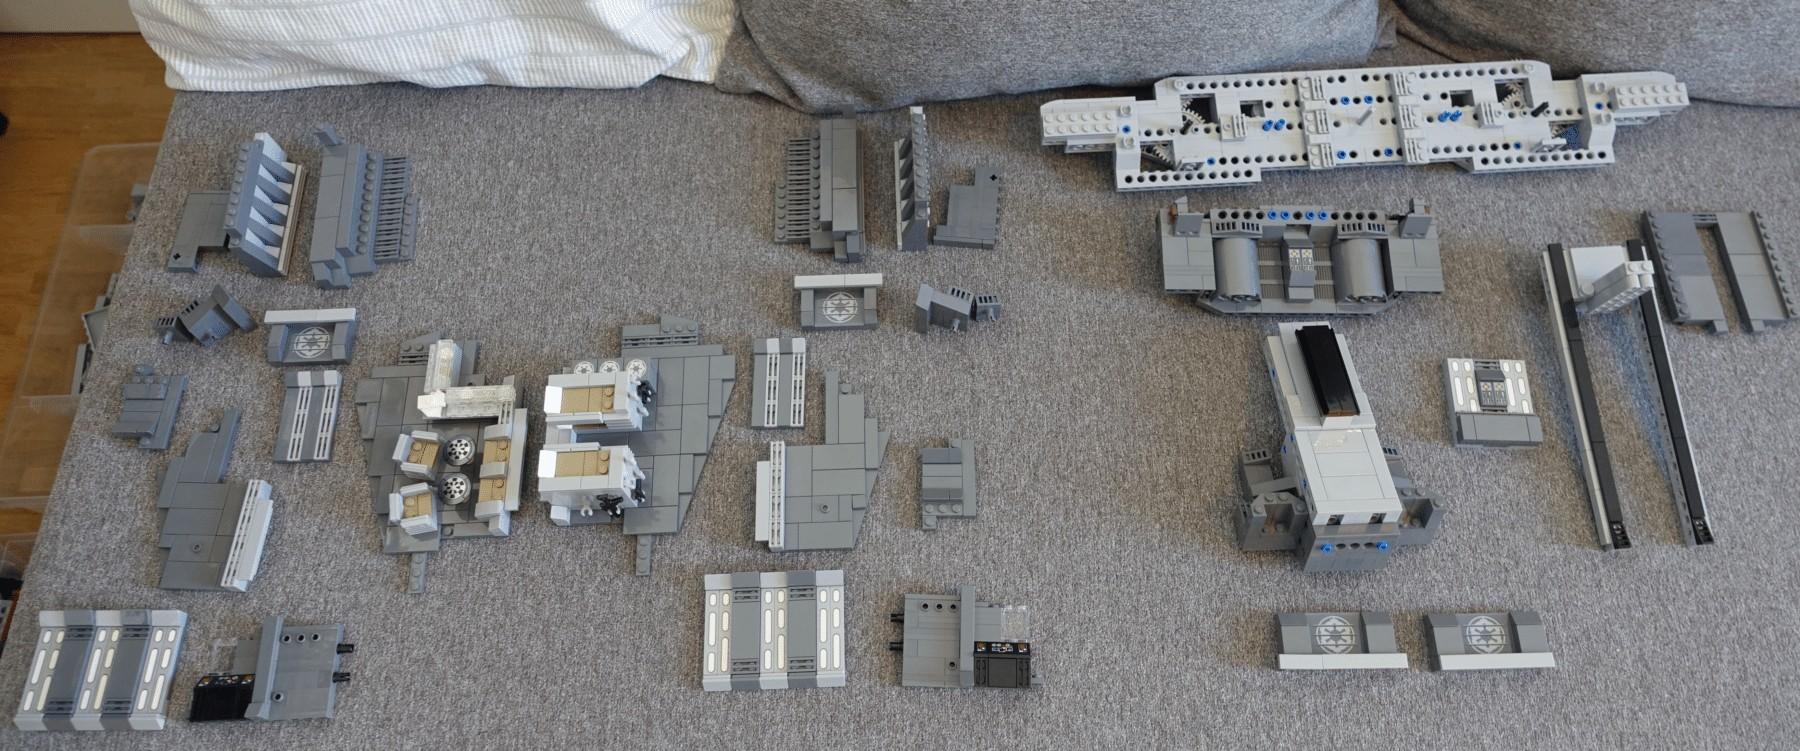 Übersicht der Elemente des Interieur für den LEGO MOC des Imperial Star Destroyers